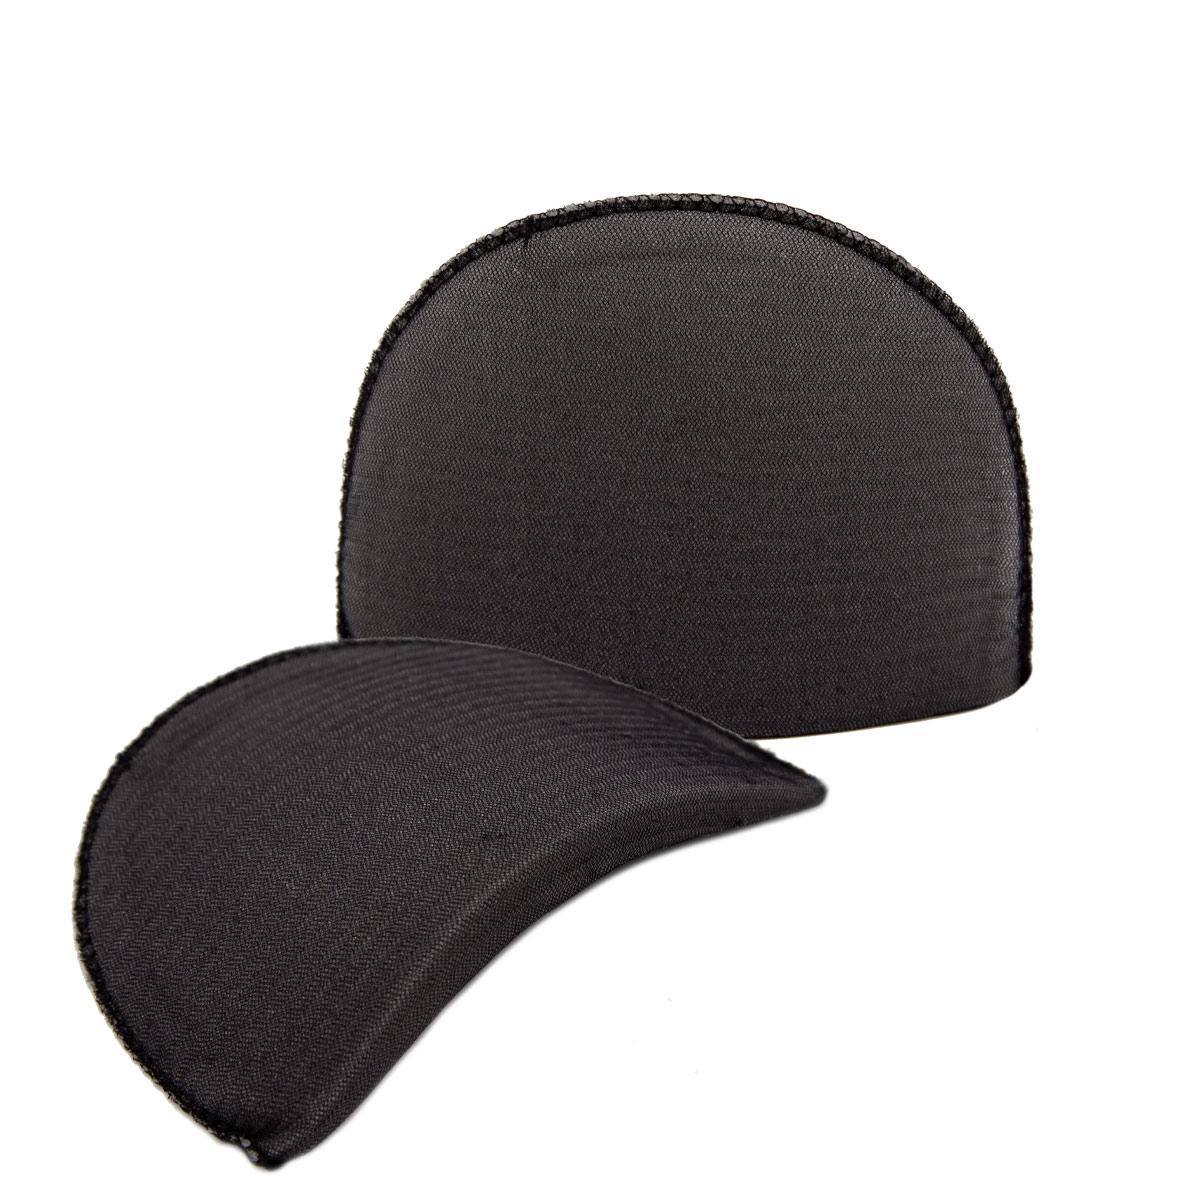 Плечевые накладки В-12/А втачные обшитые цвет черный, 12х100х150 мм, Hobby&Pro